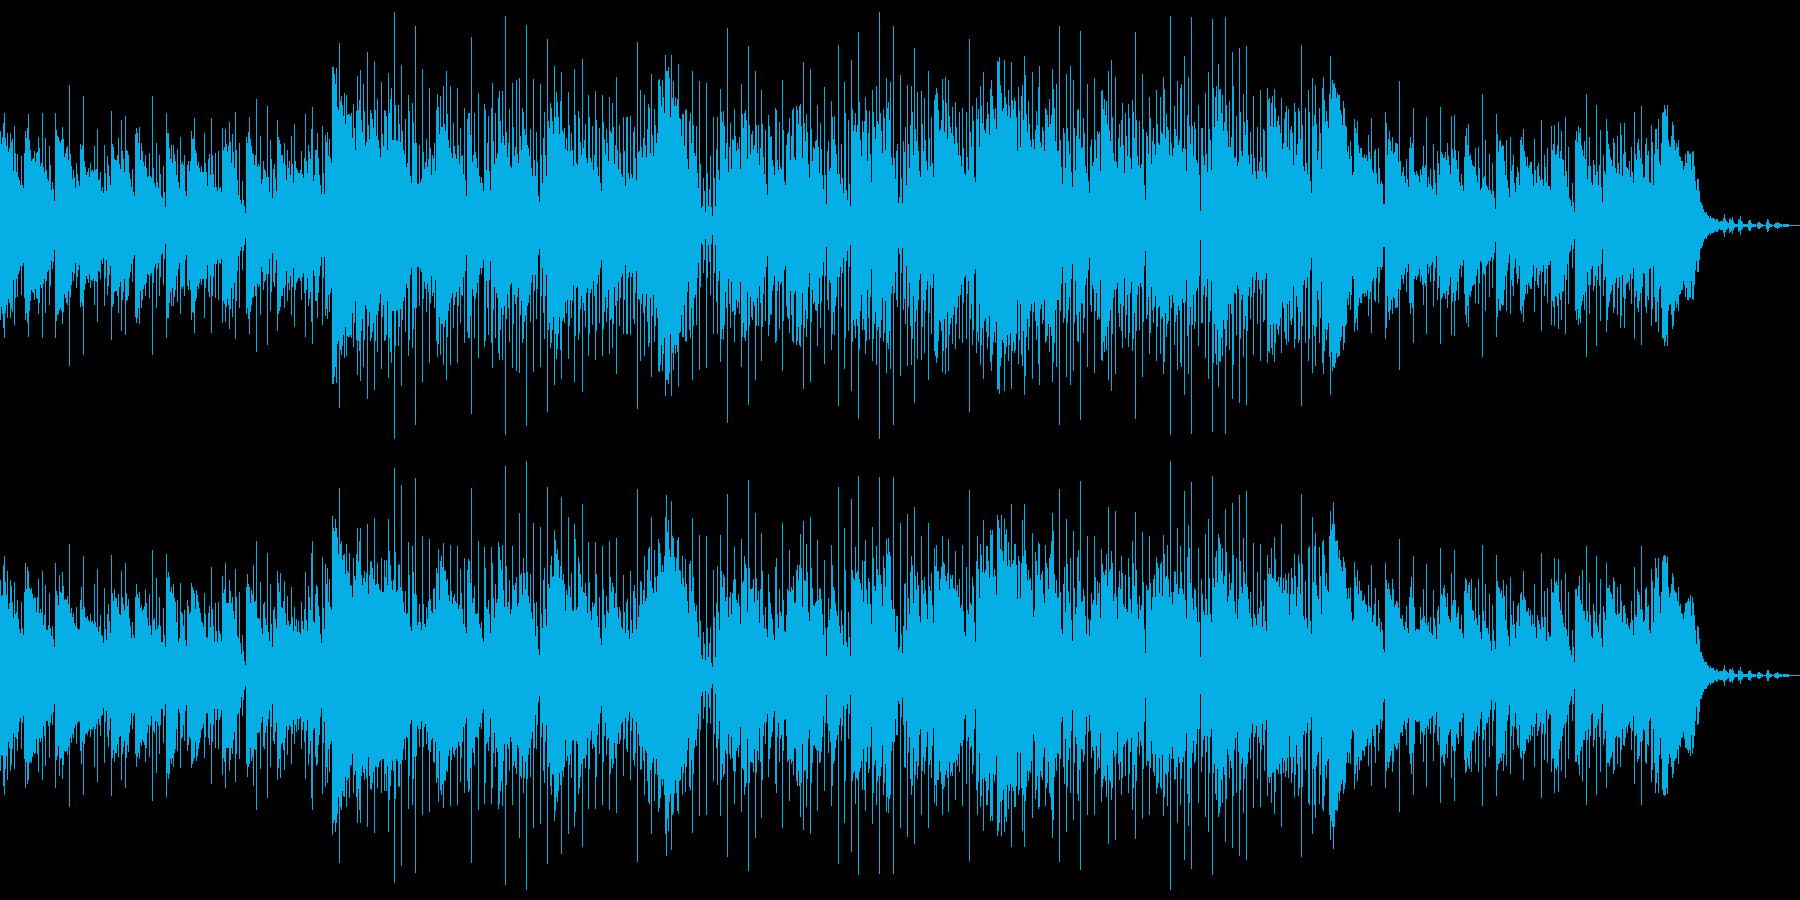 おしゃれな大人のジャズの再生済みの波形